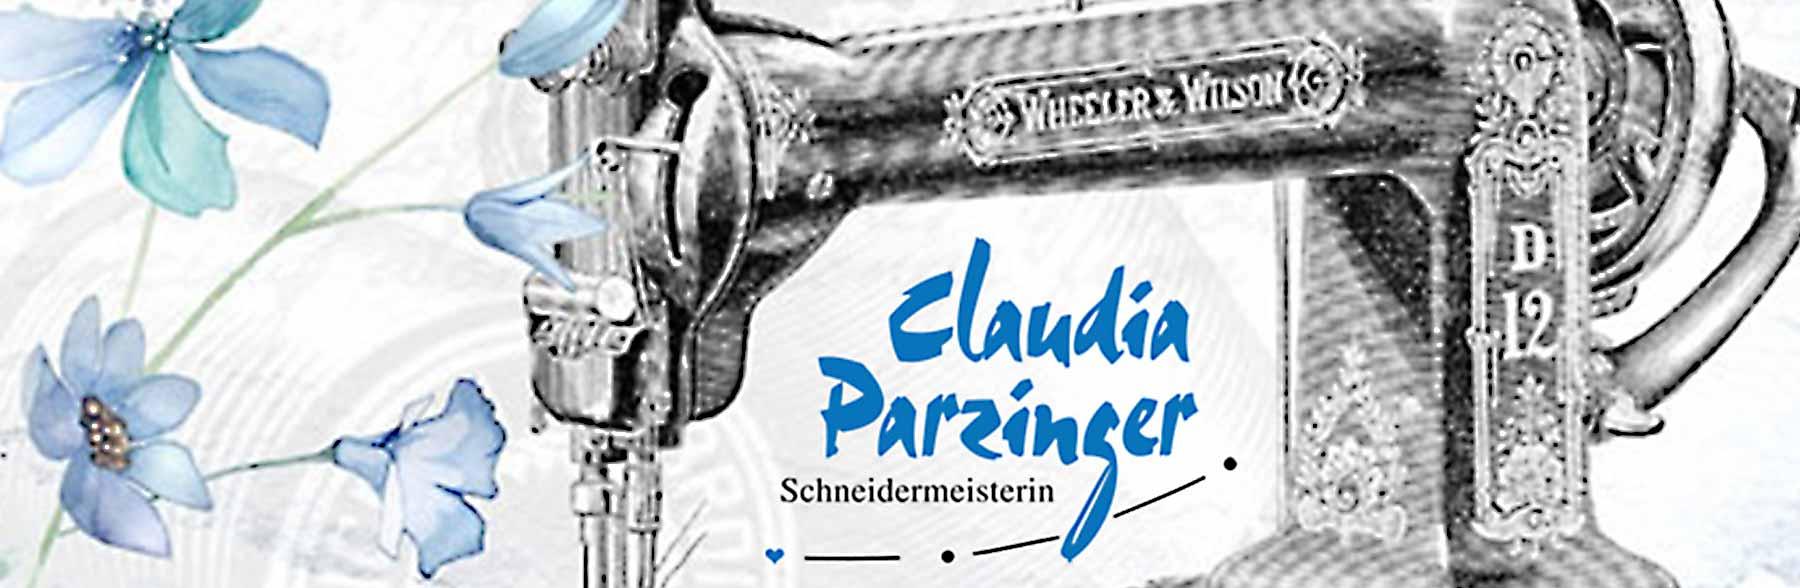 Parzinger Fashion aus Achenkirch in Tirol